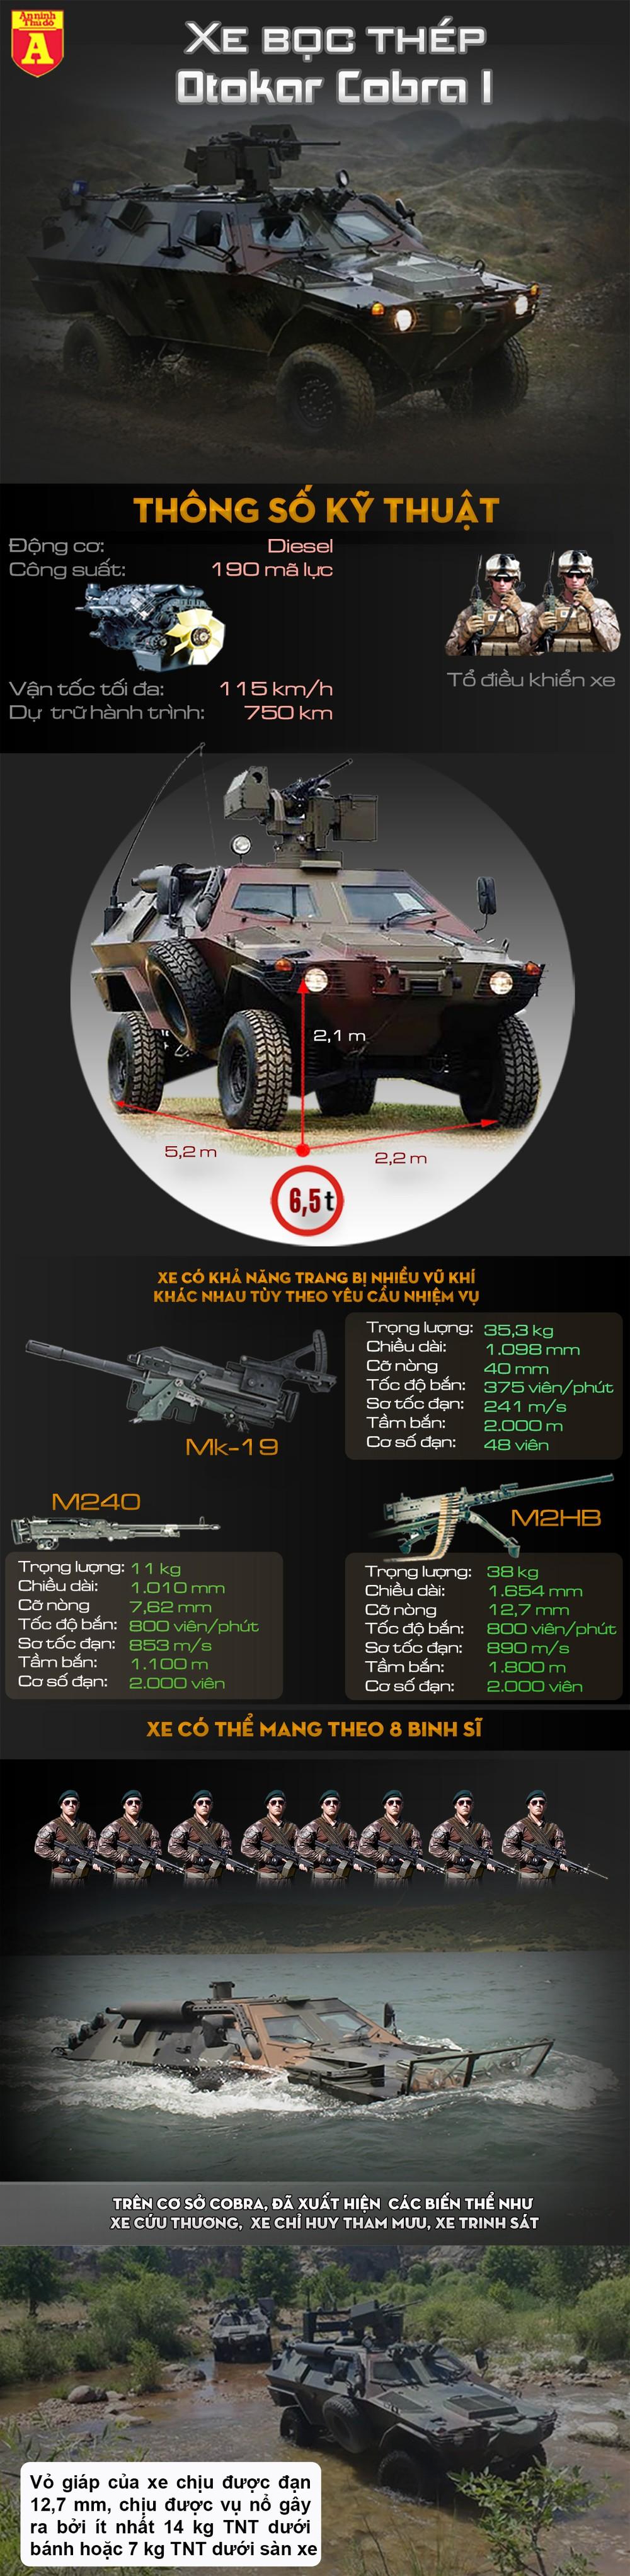 """[Info] """"Chiến binh không mỏi"""" Cobra-I của Thổ Nhĩ Kỳ bị Syria bắn xuyên đầu ảnh 2"""